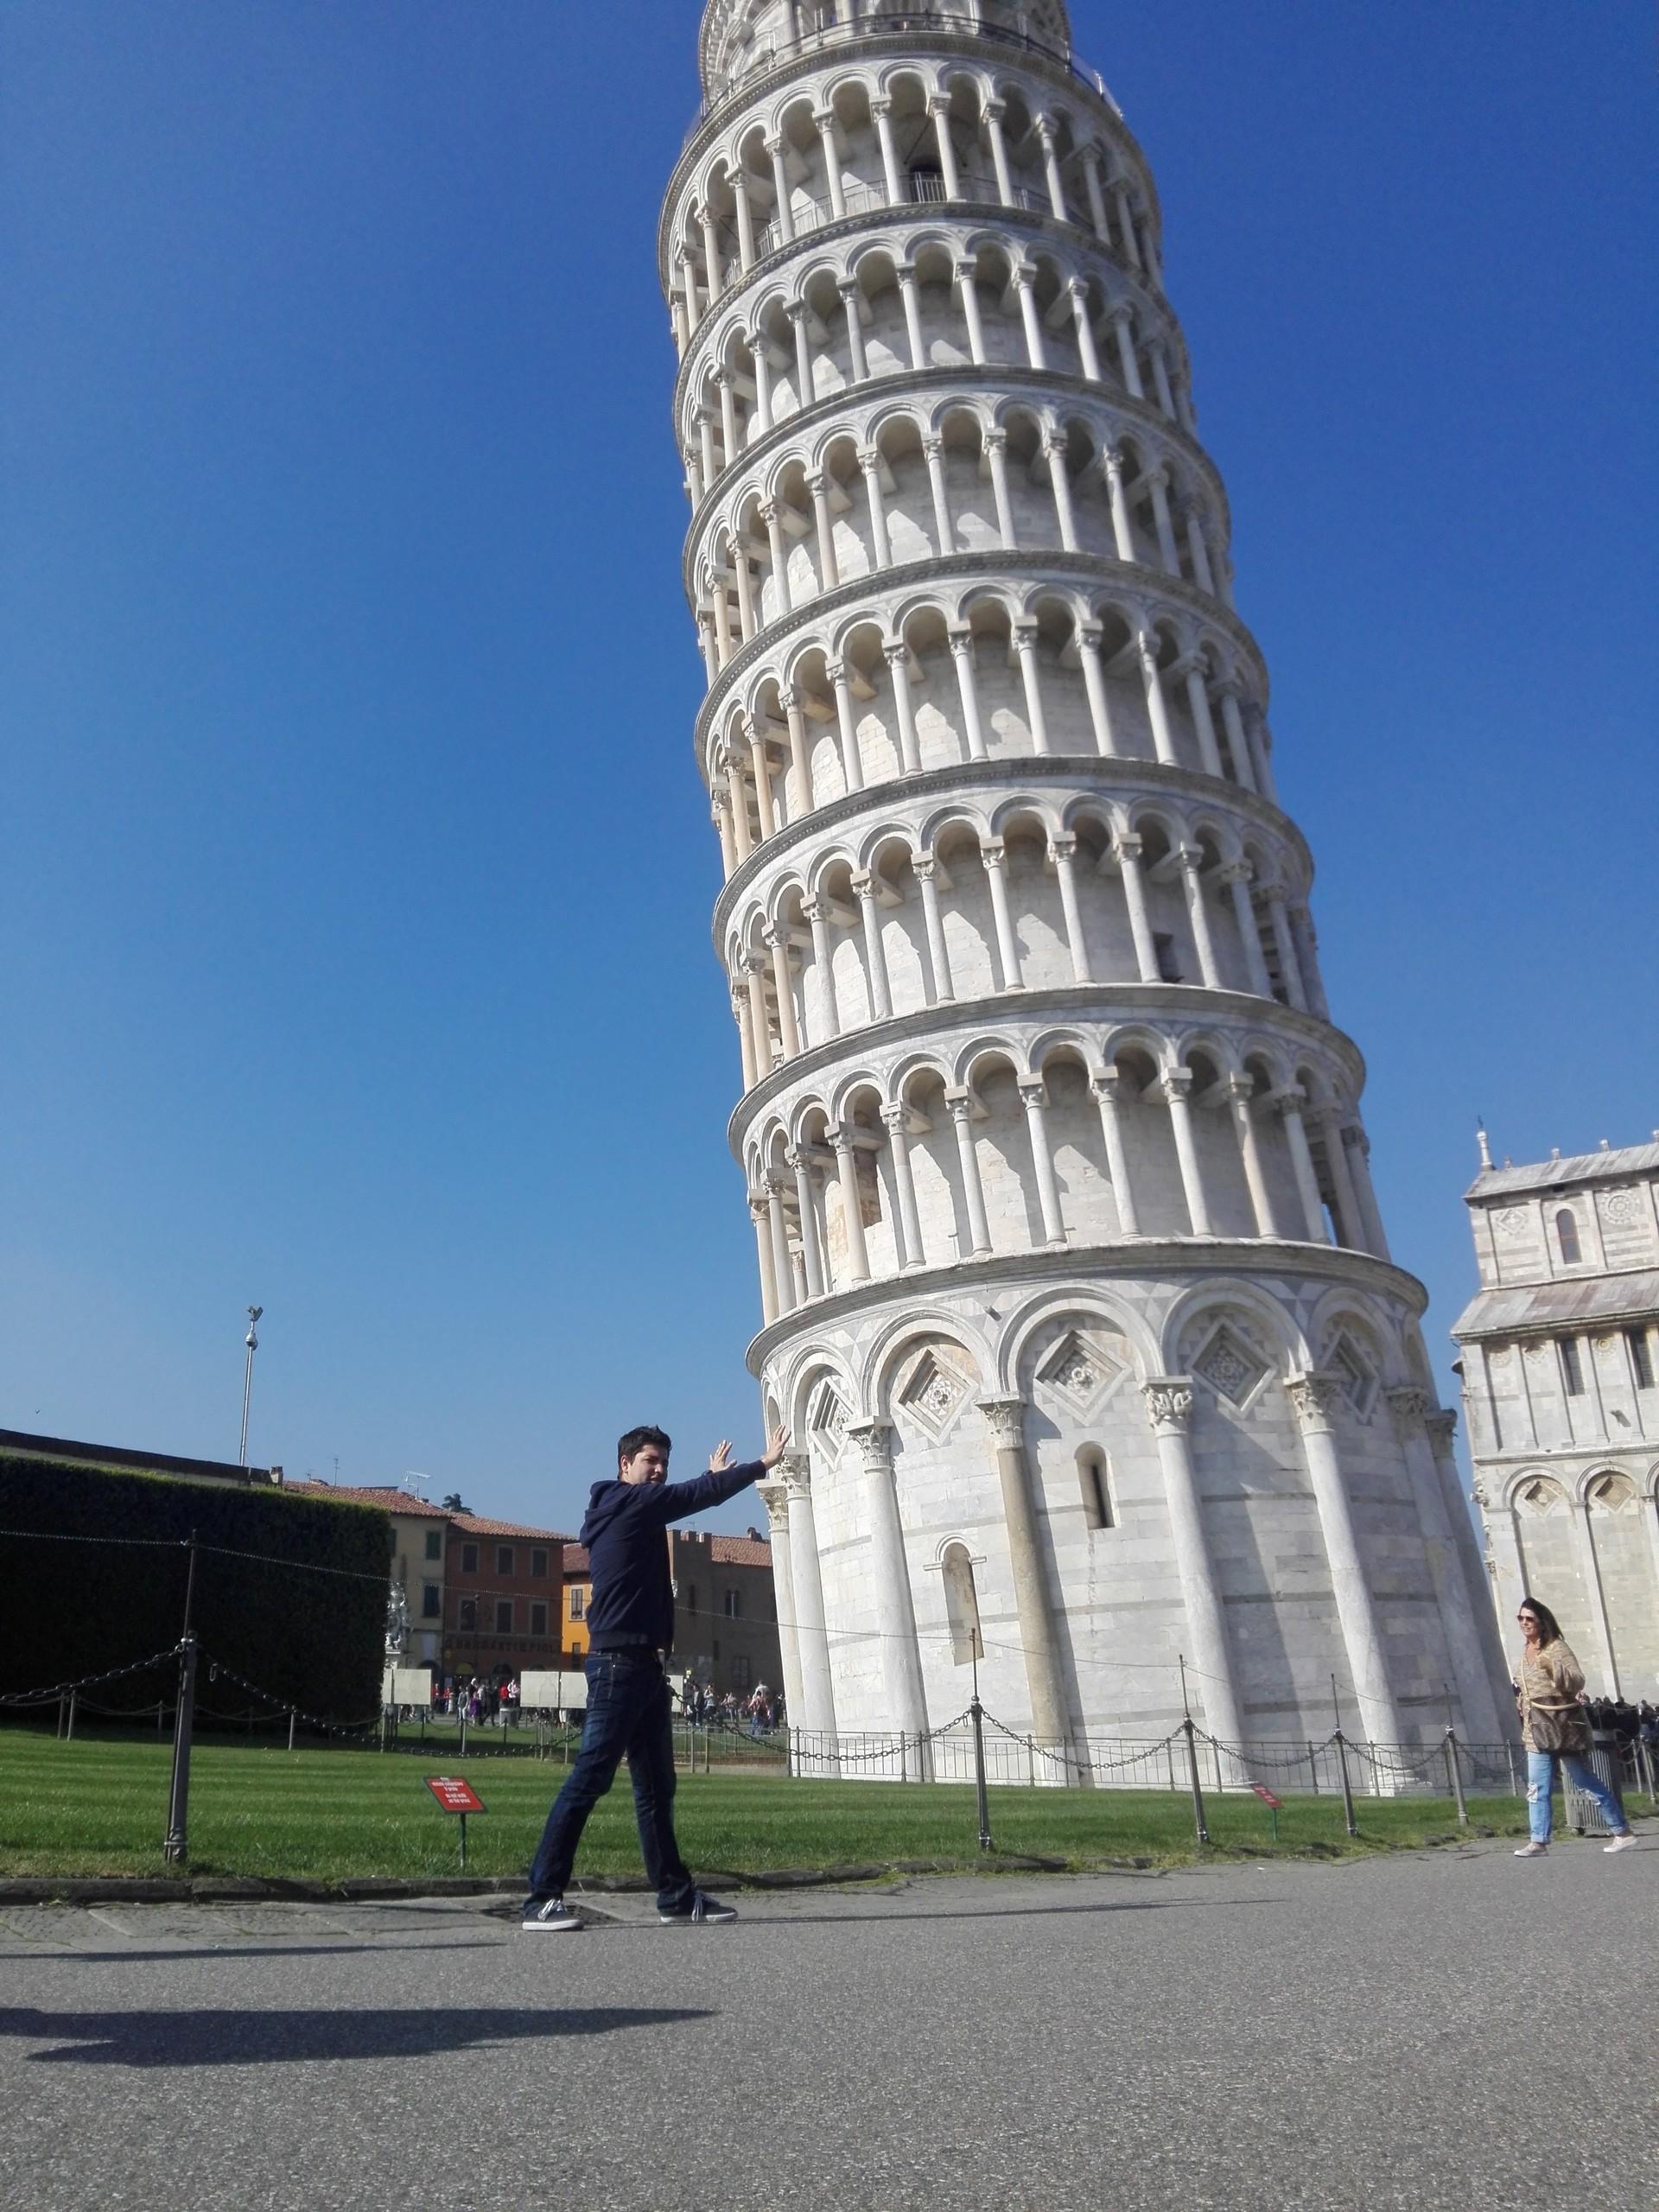 Pisa, una ciudad pequeña pero magica.